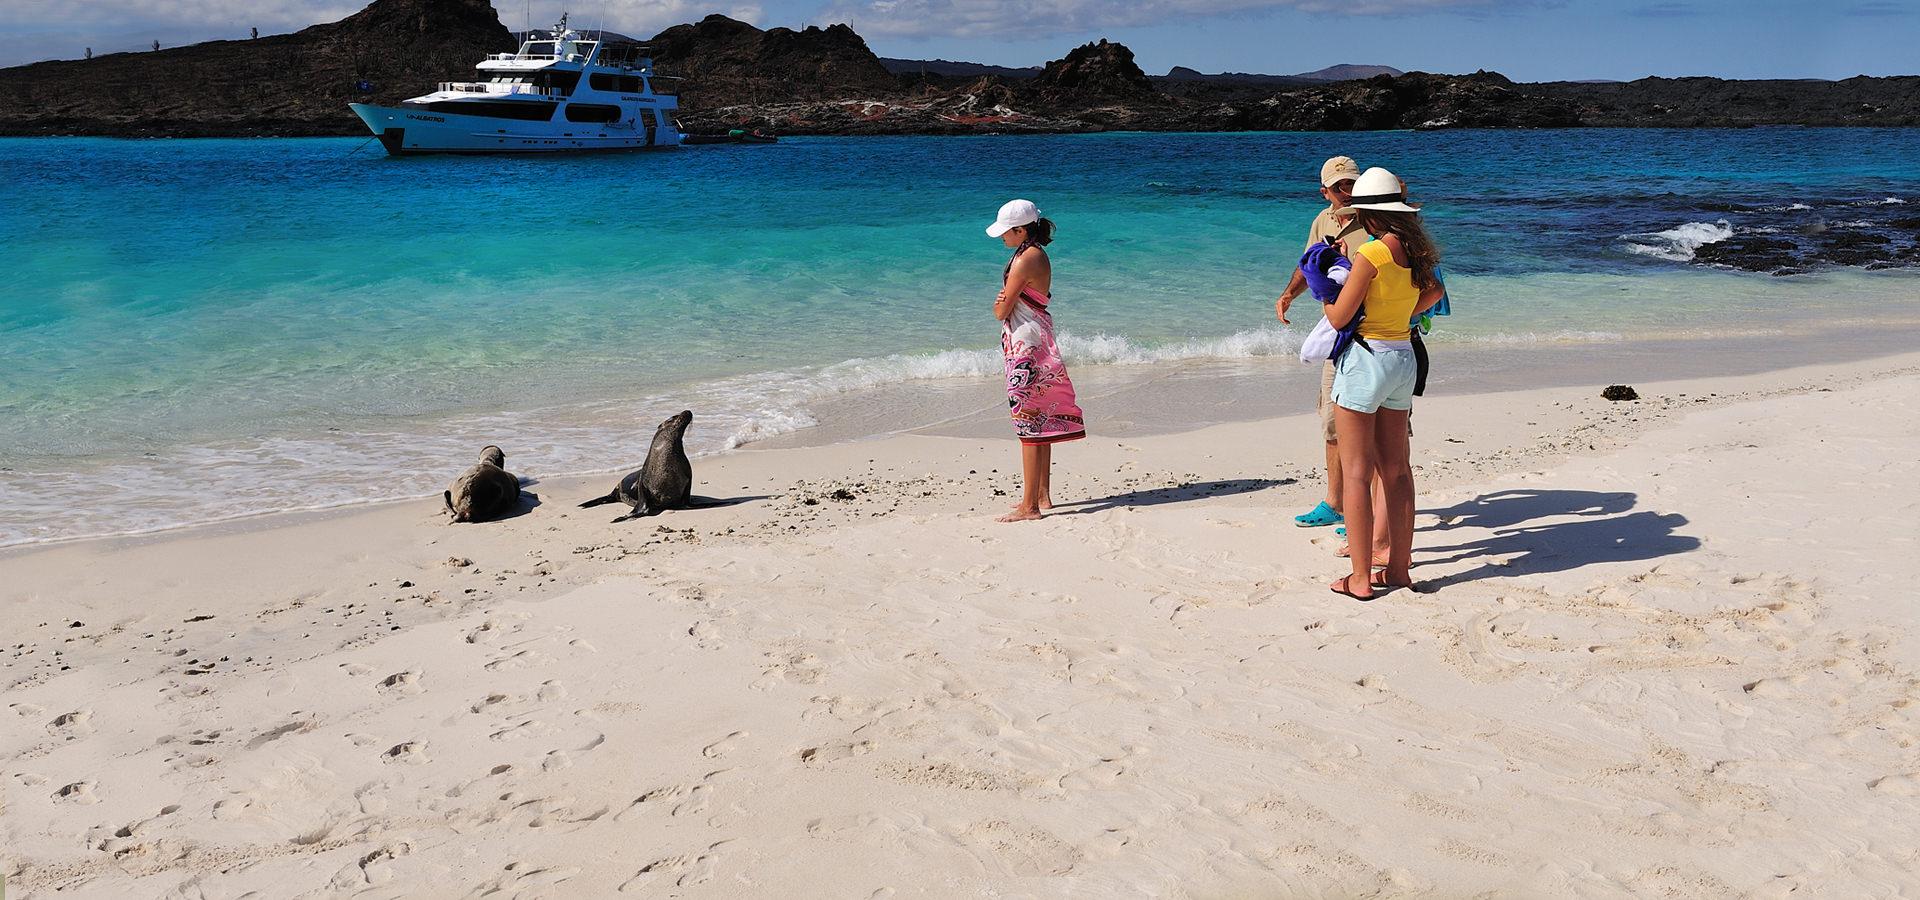 Paquetes de viajes baratos a las Islas Galápagos gracias al Mintur. Ministerio de Turismo del Ecuador